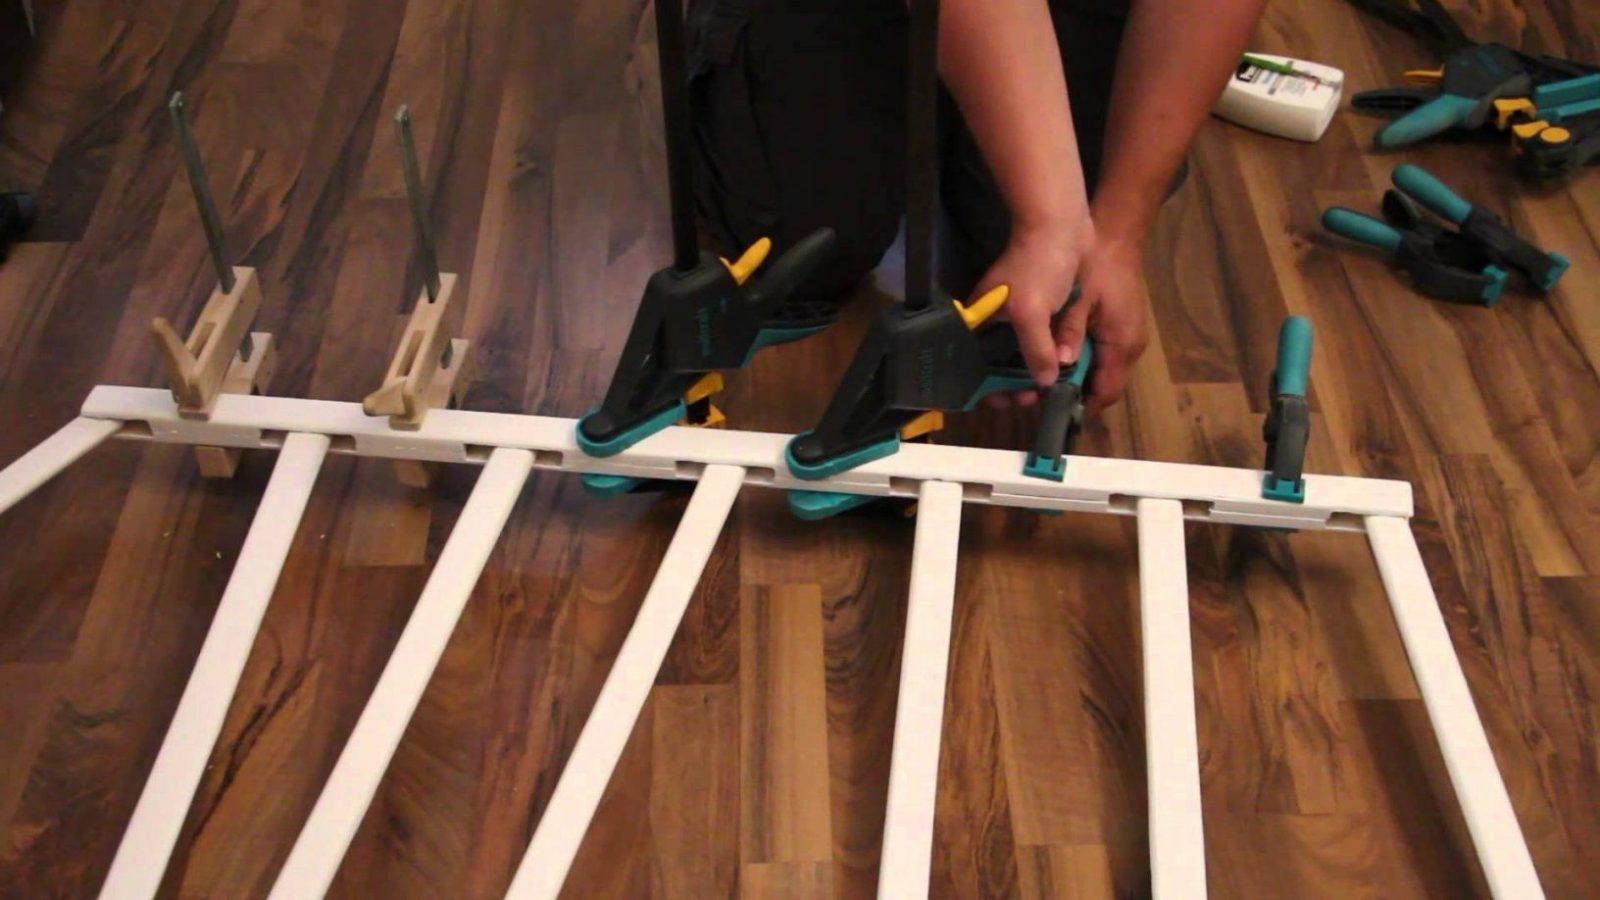 Treppenschutzgitter Im Eigenbau  Youtube von Kindersicherung Treppe Selber Bauen Bild